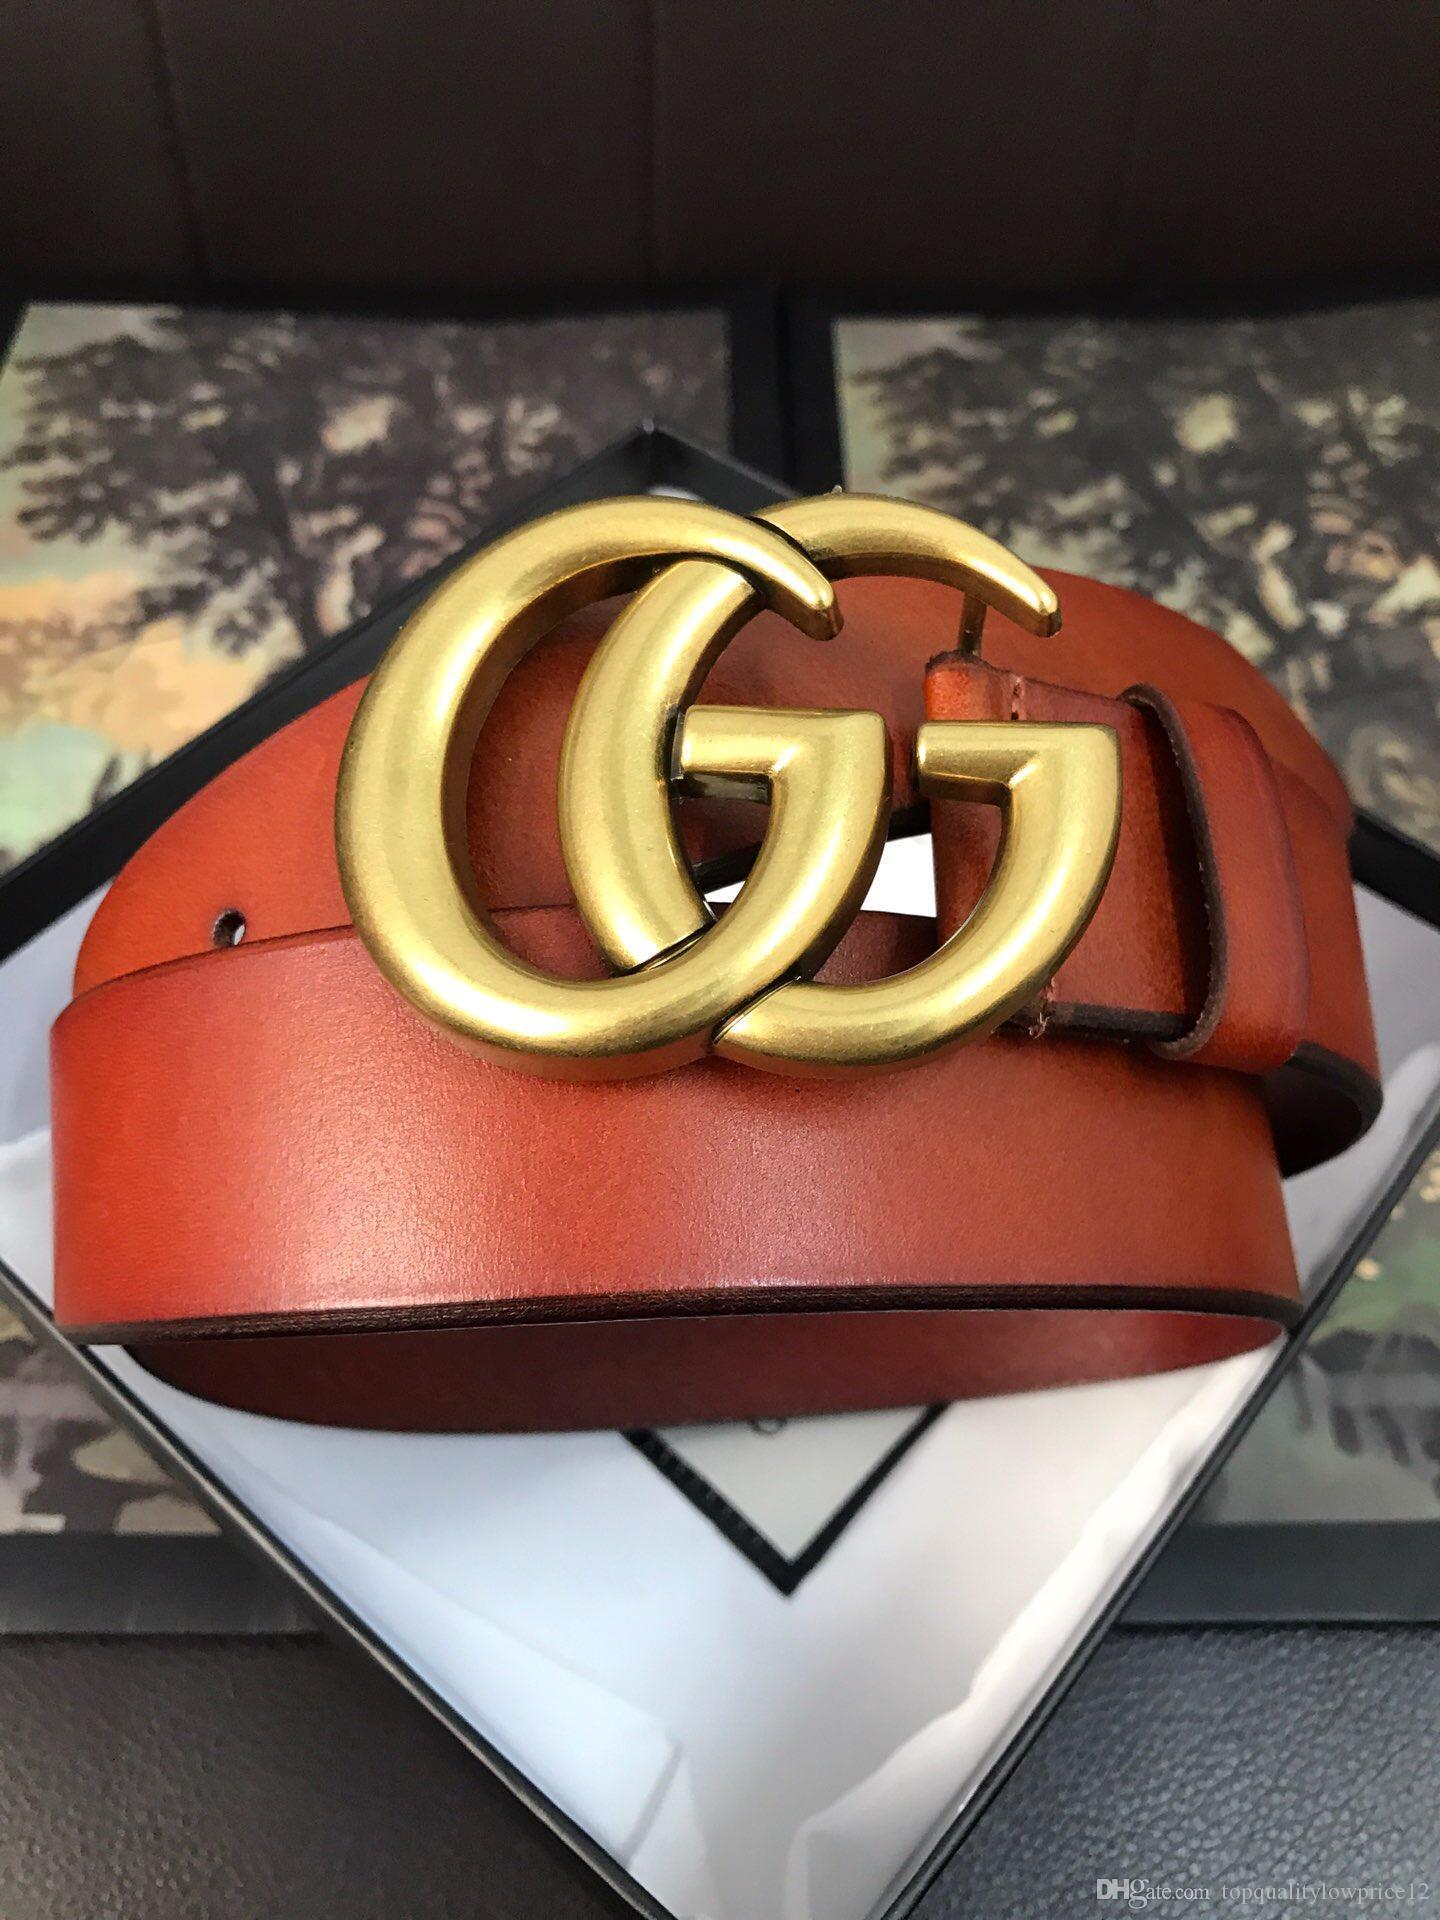 ceinture chaude design femmes boucle lettre de luxe classique avec des ceintures véritable boîte ceintures en cuir femmes hommes de mode de marque gratuit Envoi 414516